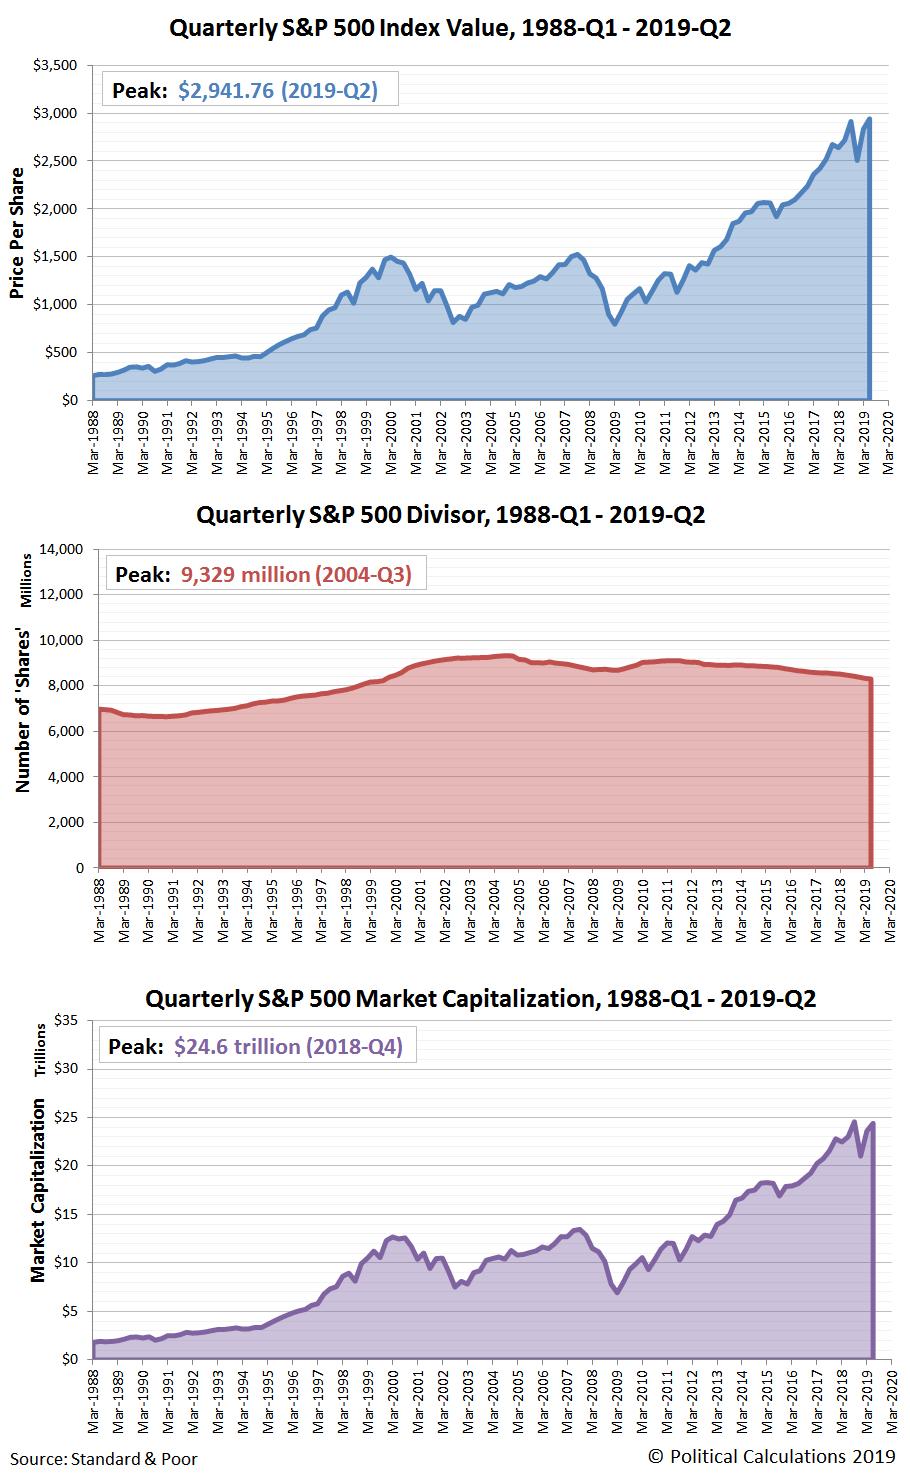 S&P 500 Index Value, Divisor, and Market Capitalization, 1988-Q1 - 2019-Q2